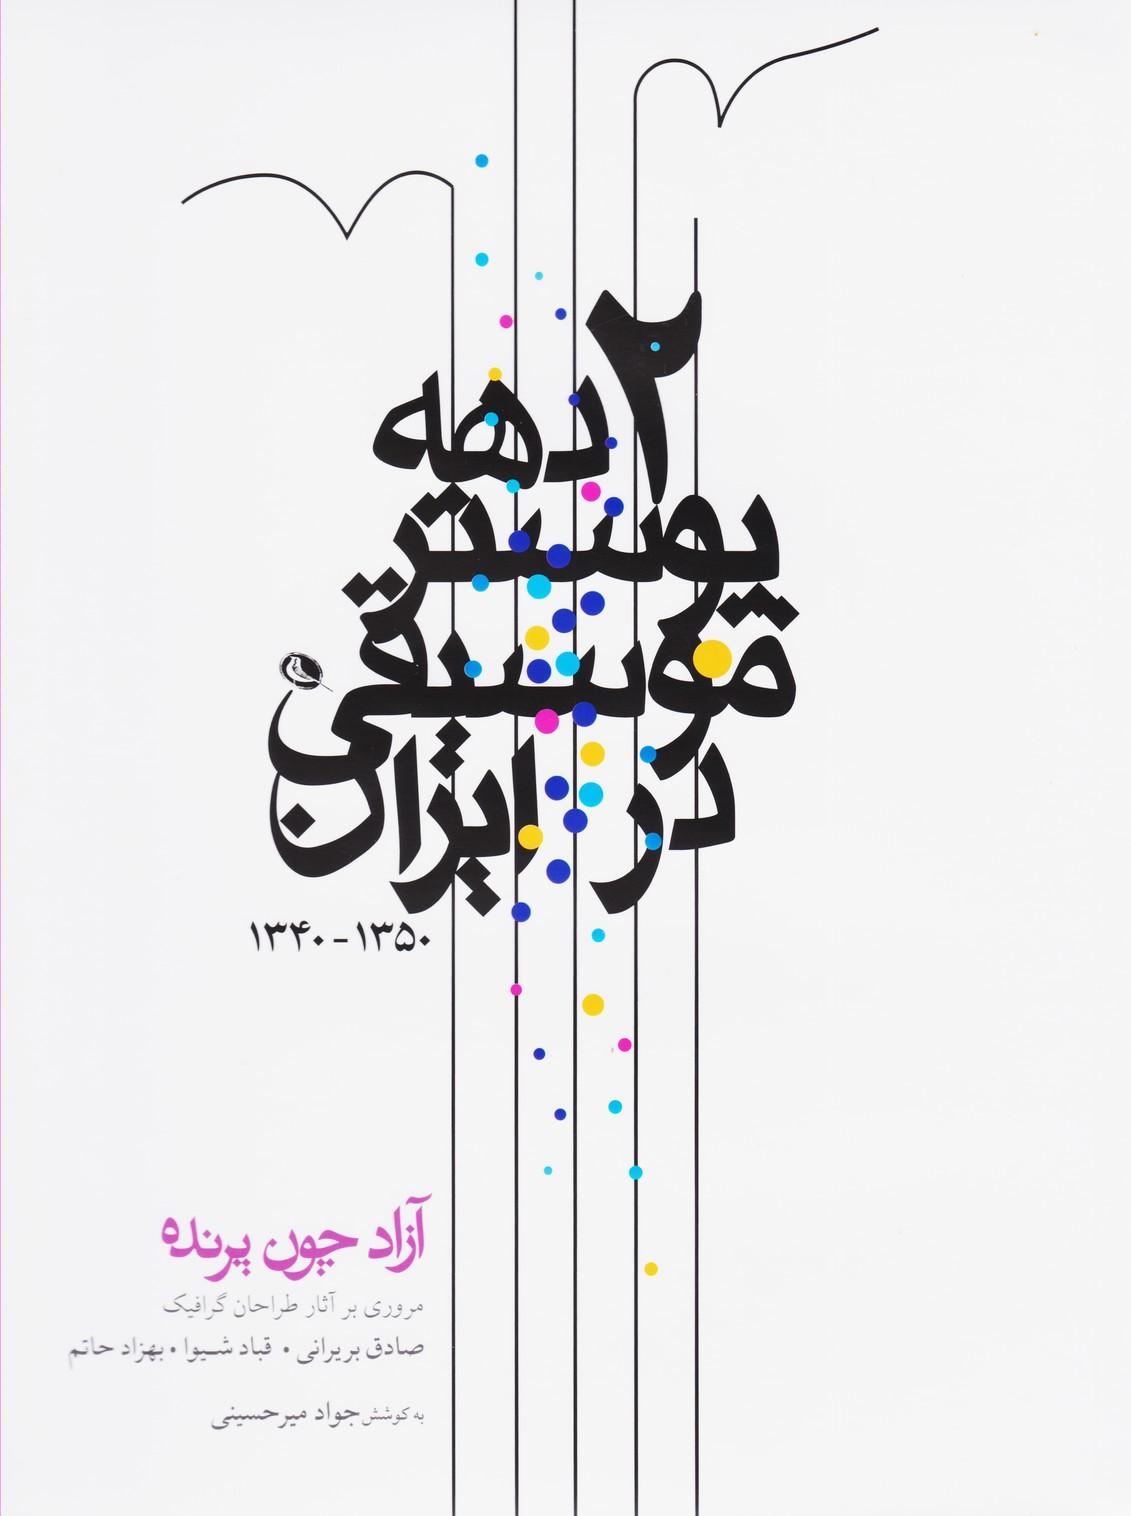 2دهه پوستر موسیقی در ایران (1340/1350)